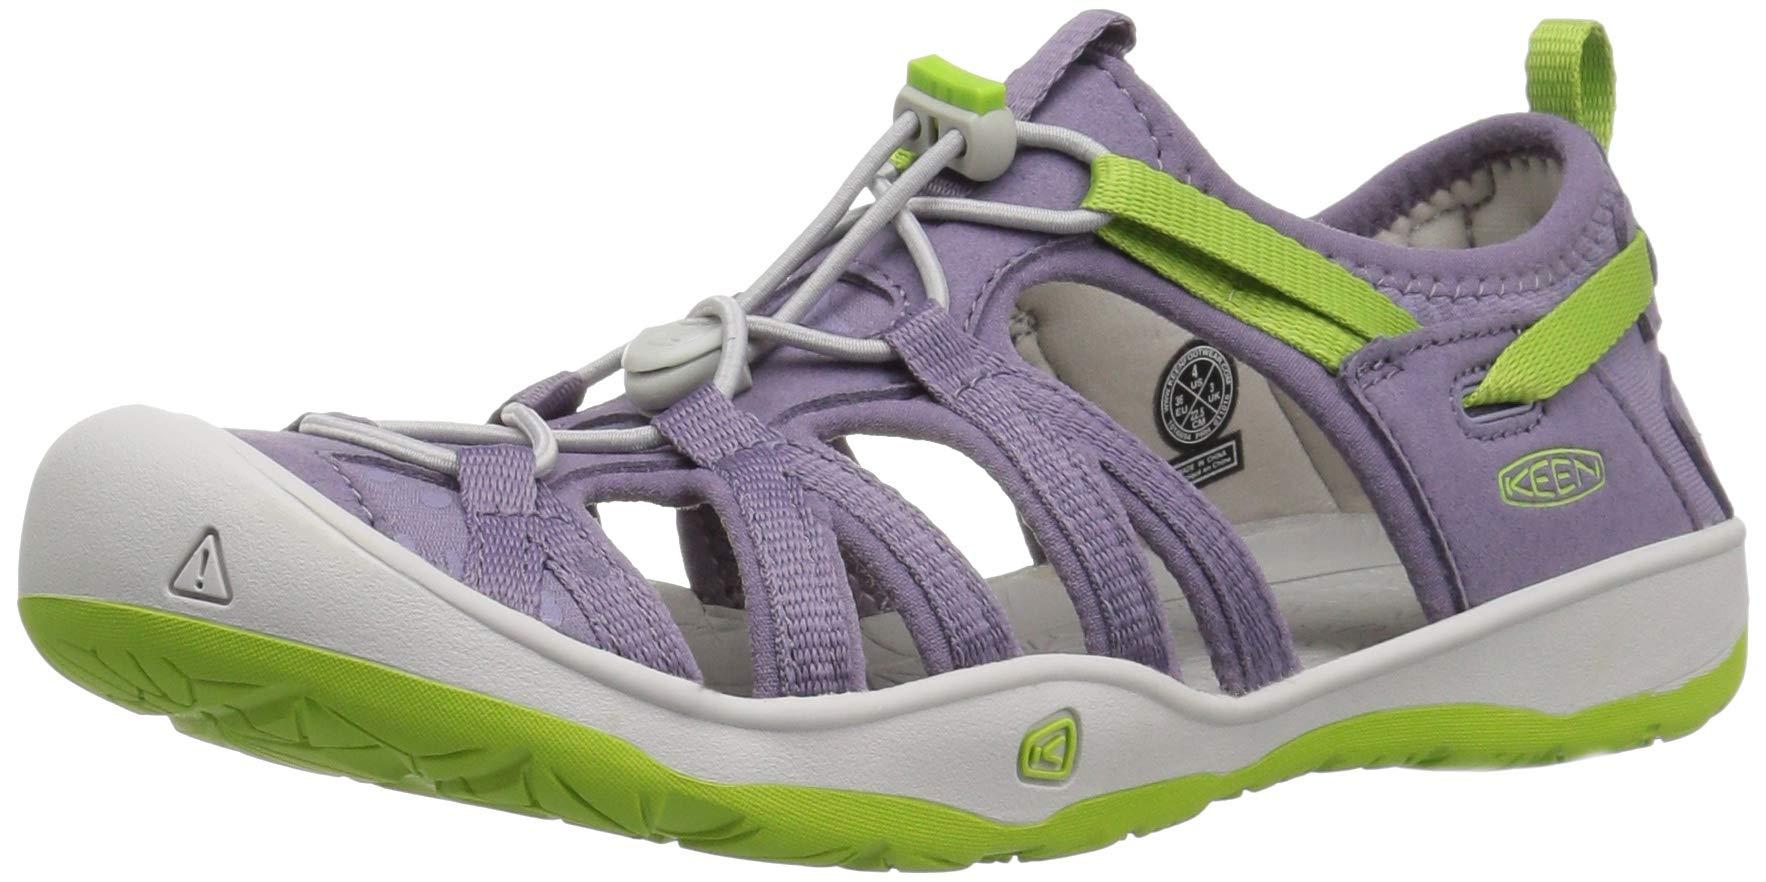 KEEN Unisex Moxie Sandal, Purple SAGE/Greenery, 6 M US Big Kid